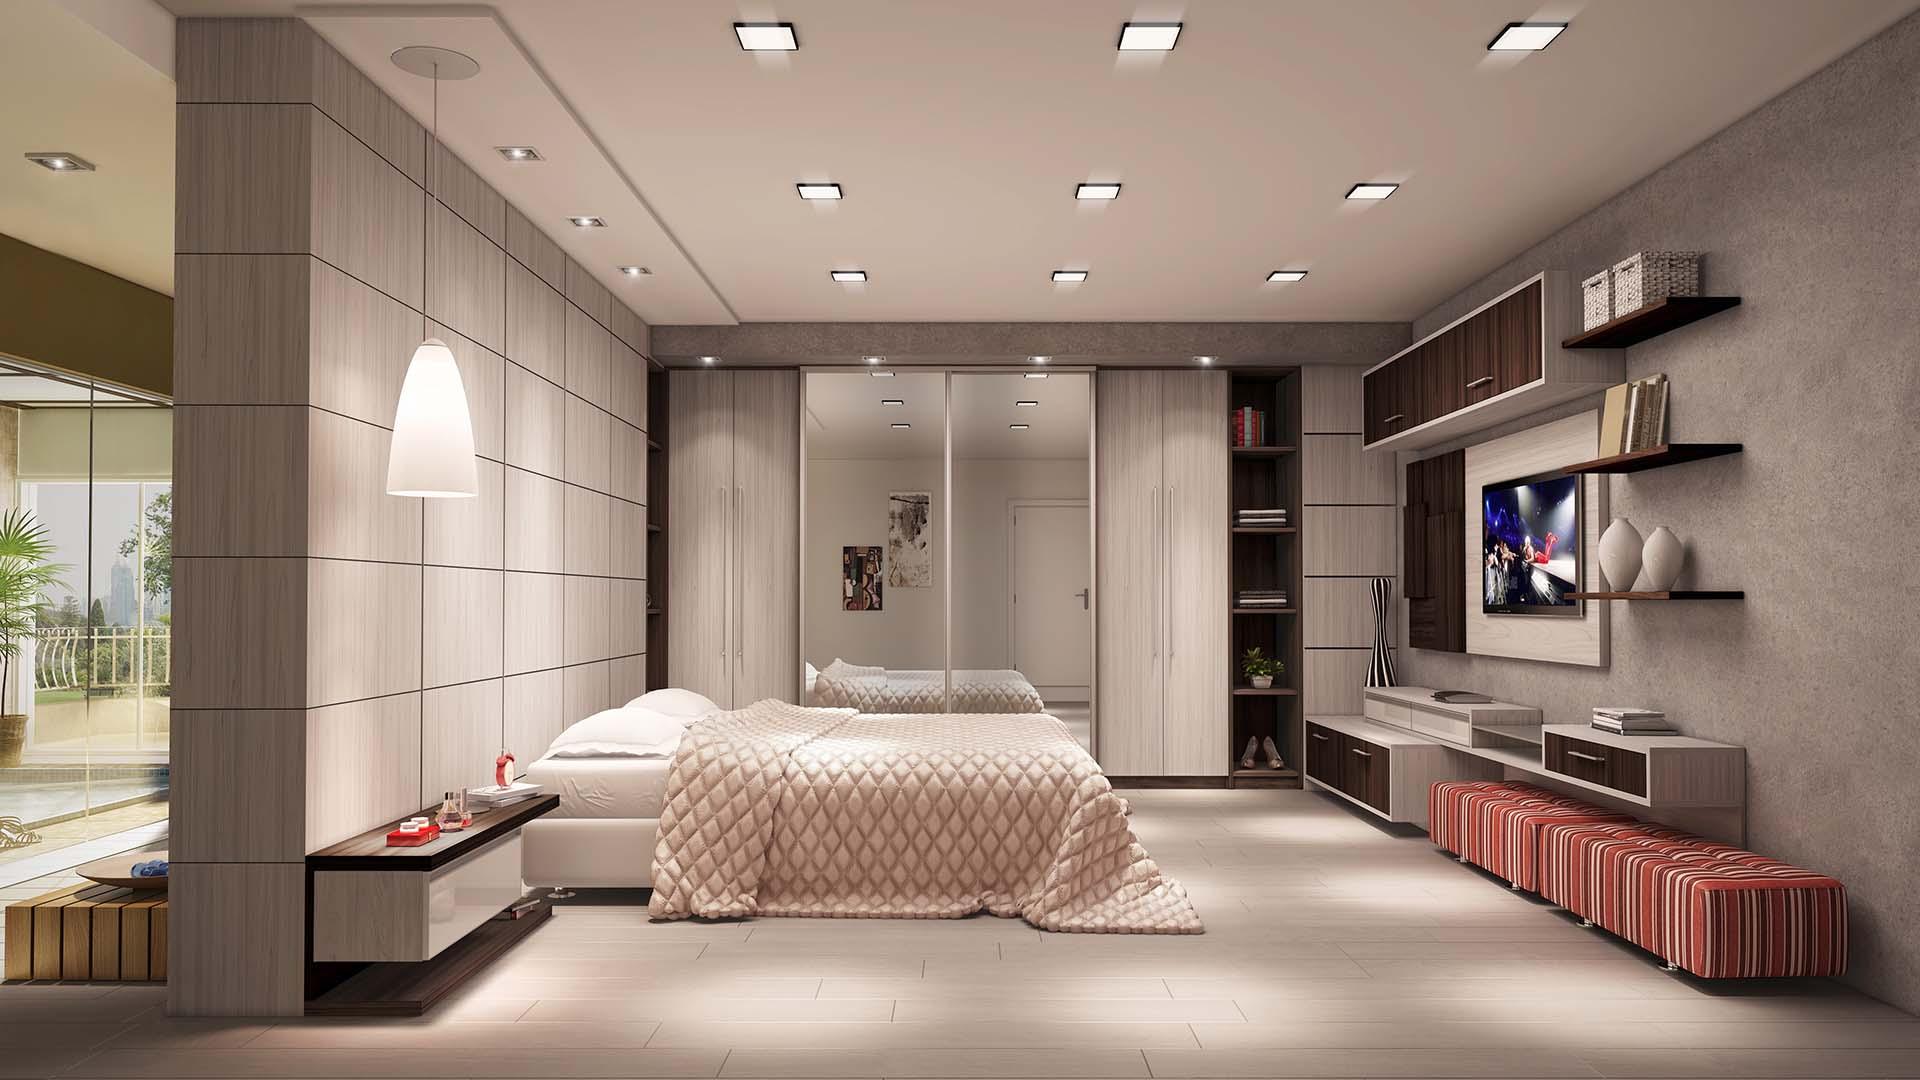 Além dos móveis planejados incorpore pufes na decoração.